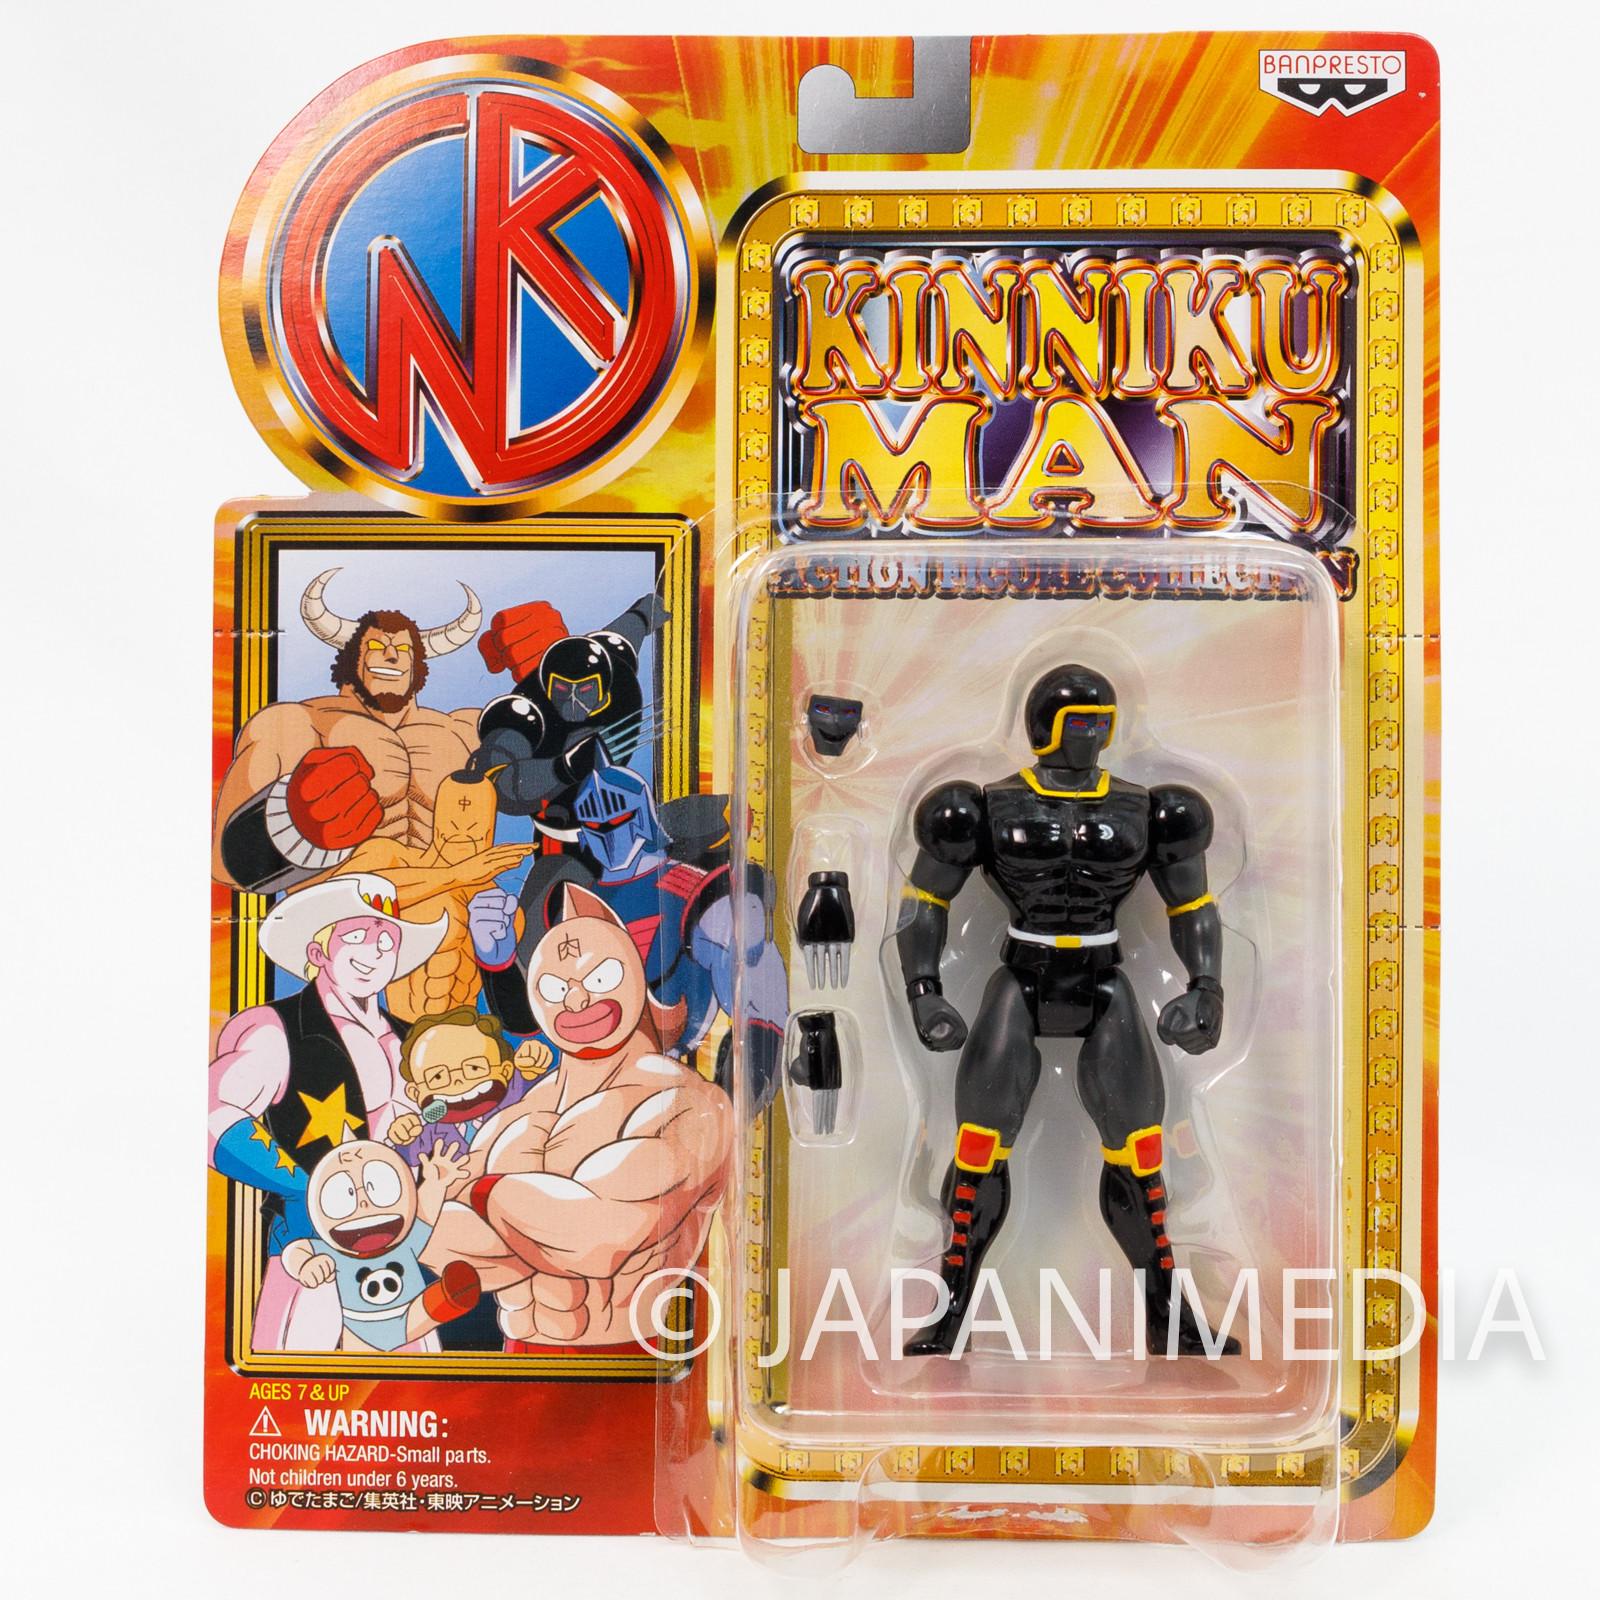 Kinnikuman Warsman Action Figure Collection Ultimate Muscle JAPAN ANIME